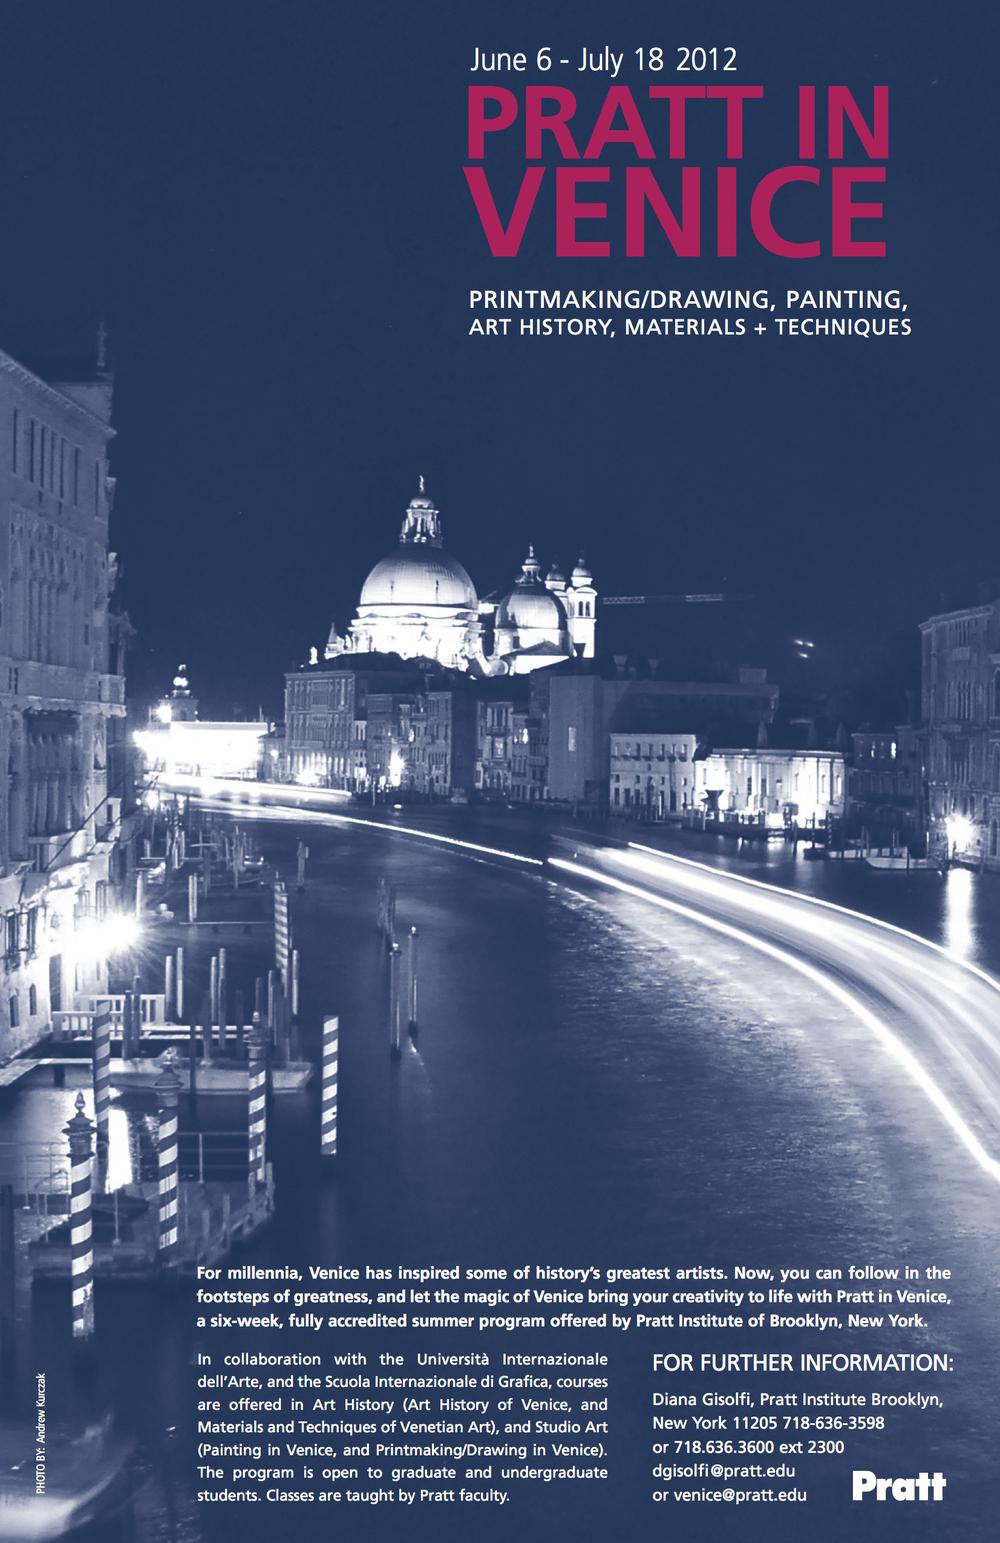 2012Pratt in Venice.jpg